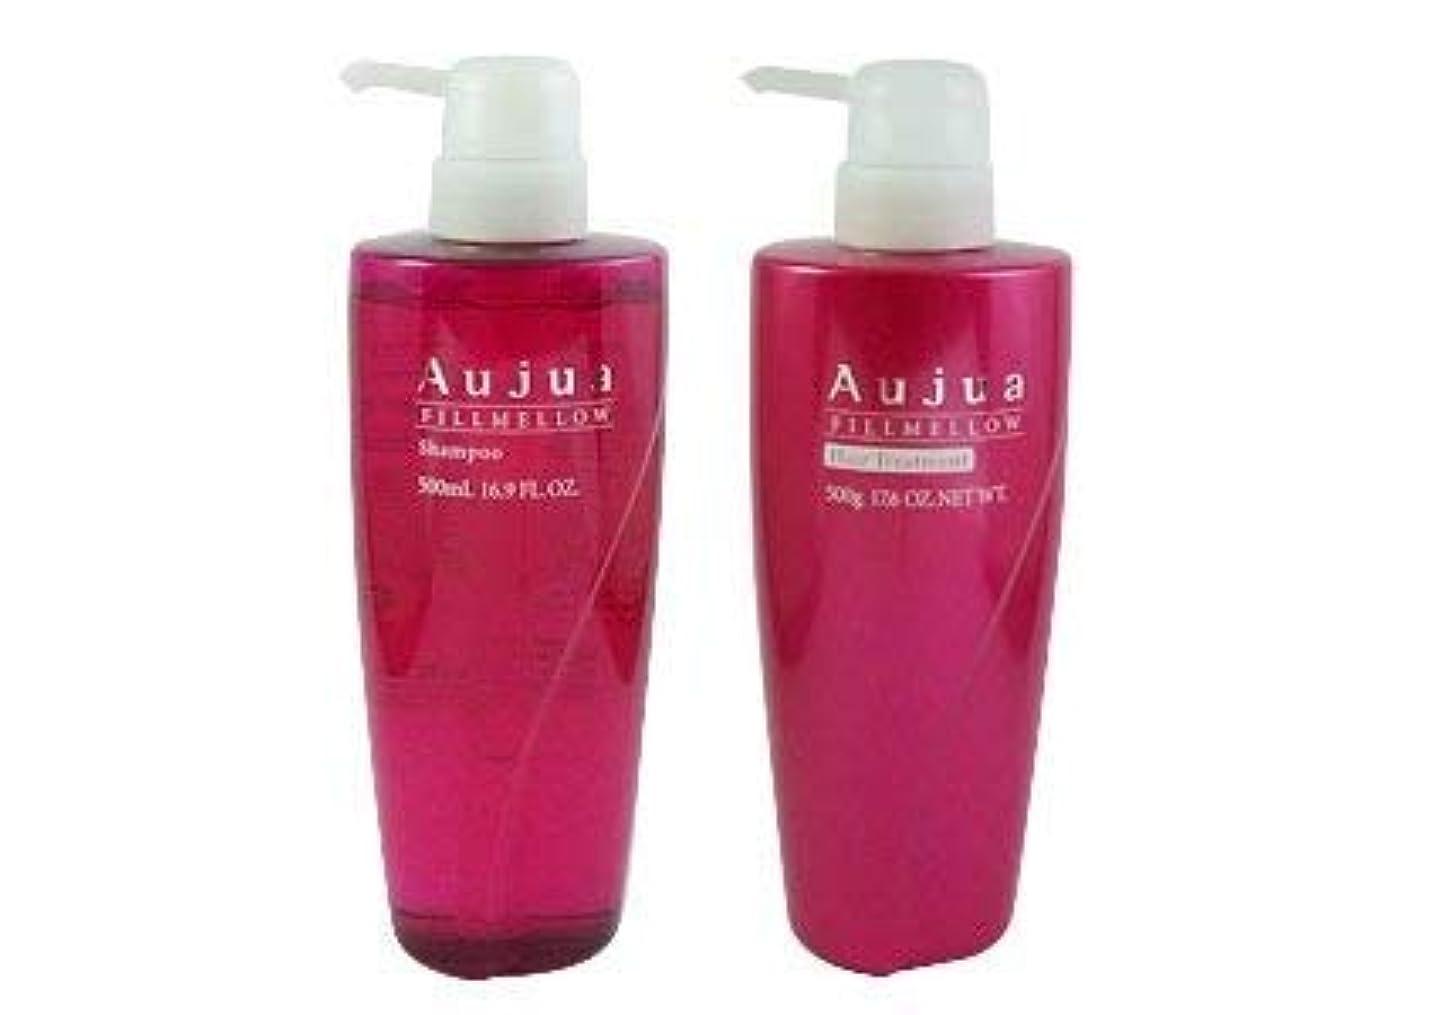 より良いロードされた和らげるミルボン(Aujua)オージュア フィルメロウ シャンプー&ヘアトリートメント 500ml期間限定アイズのまつげコーム付き(正規品)